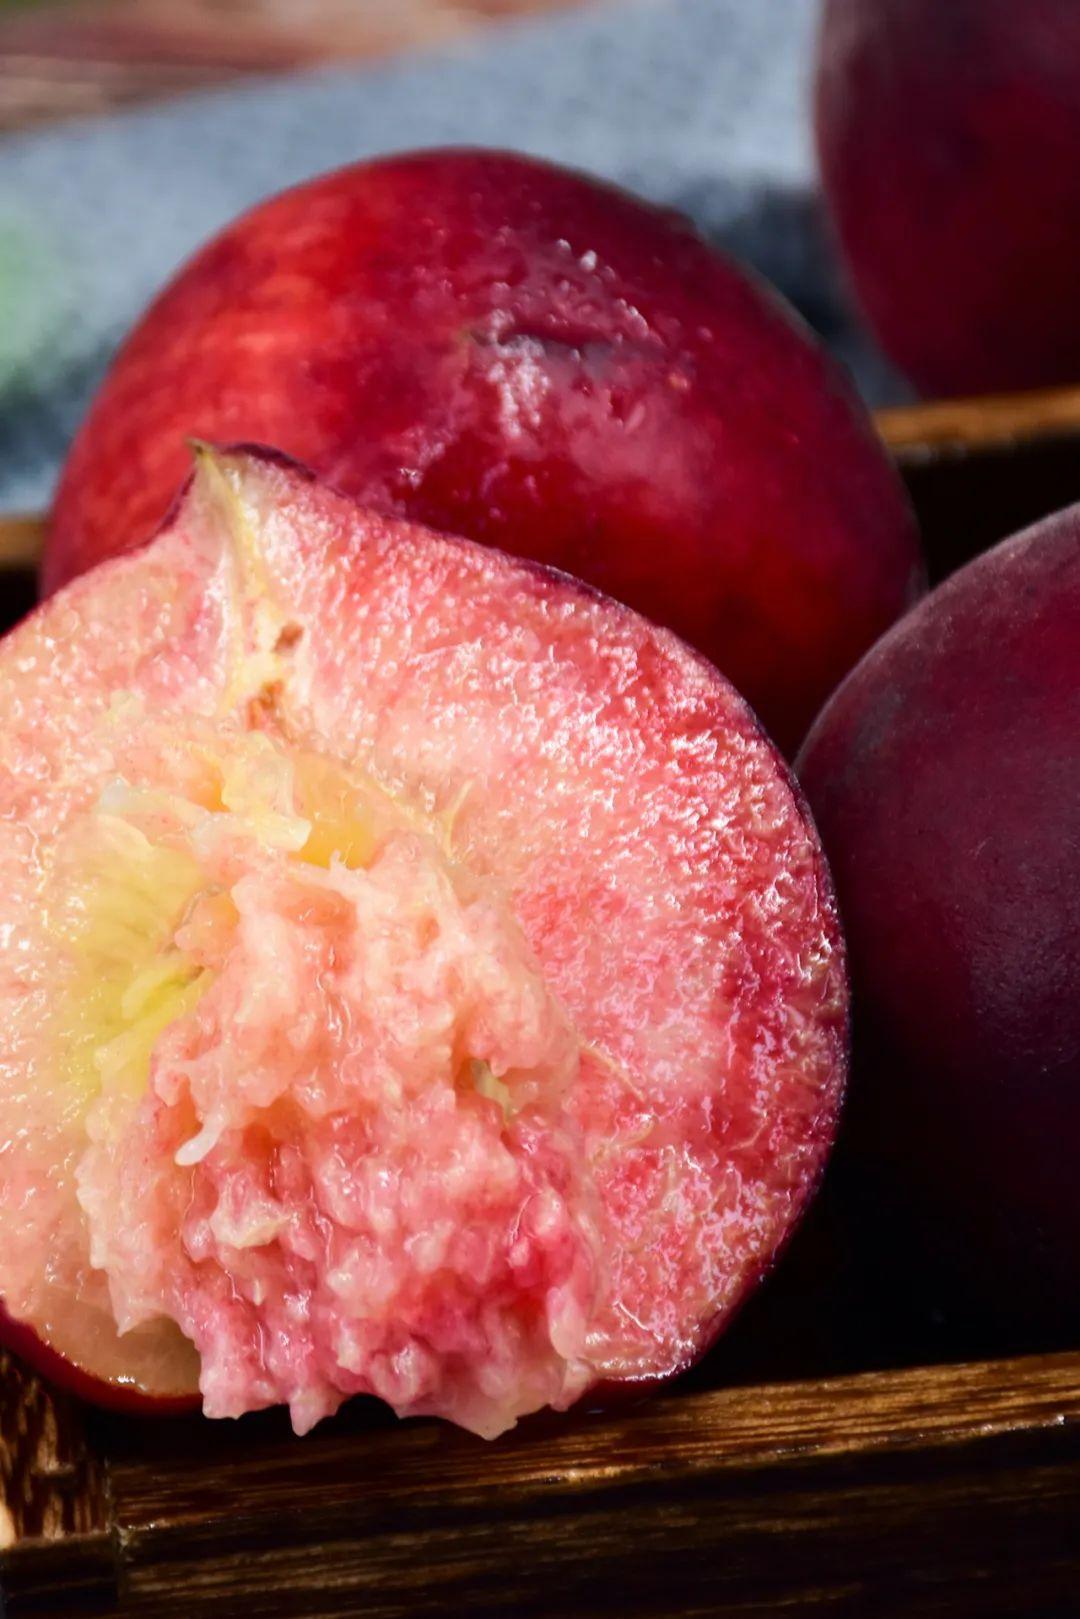 ▲ 天山冰糖桃,色彩红艳,果肉香甜。